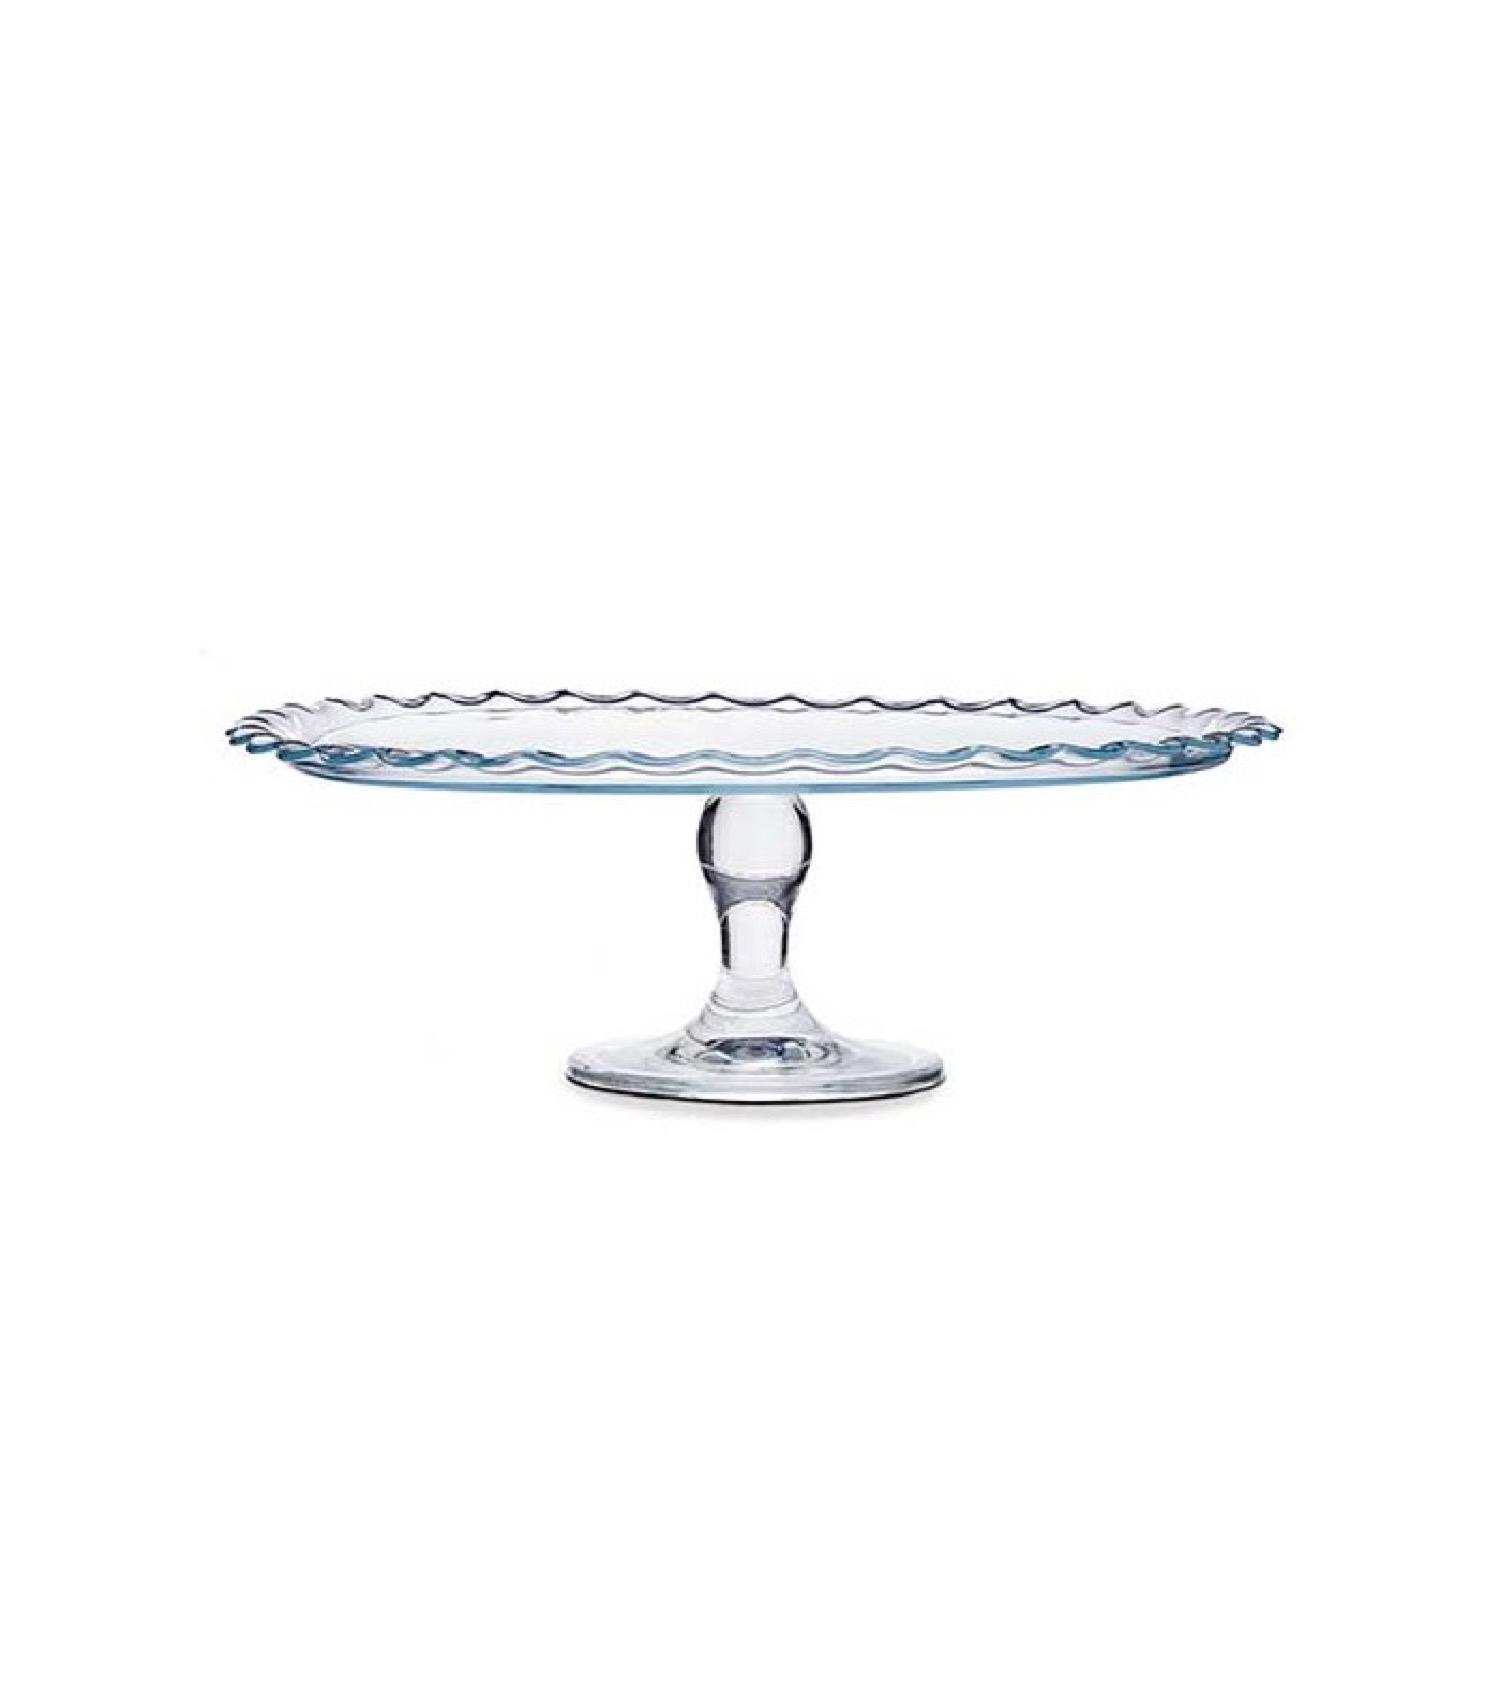 Présentoir à gâteau/tarte sur pied rond en verre D37cm